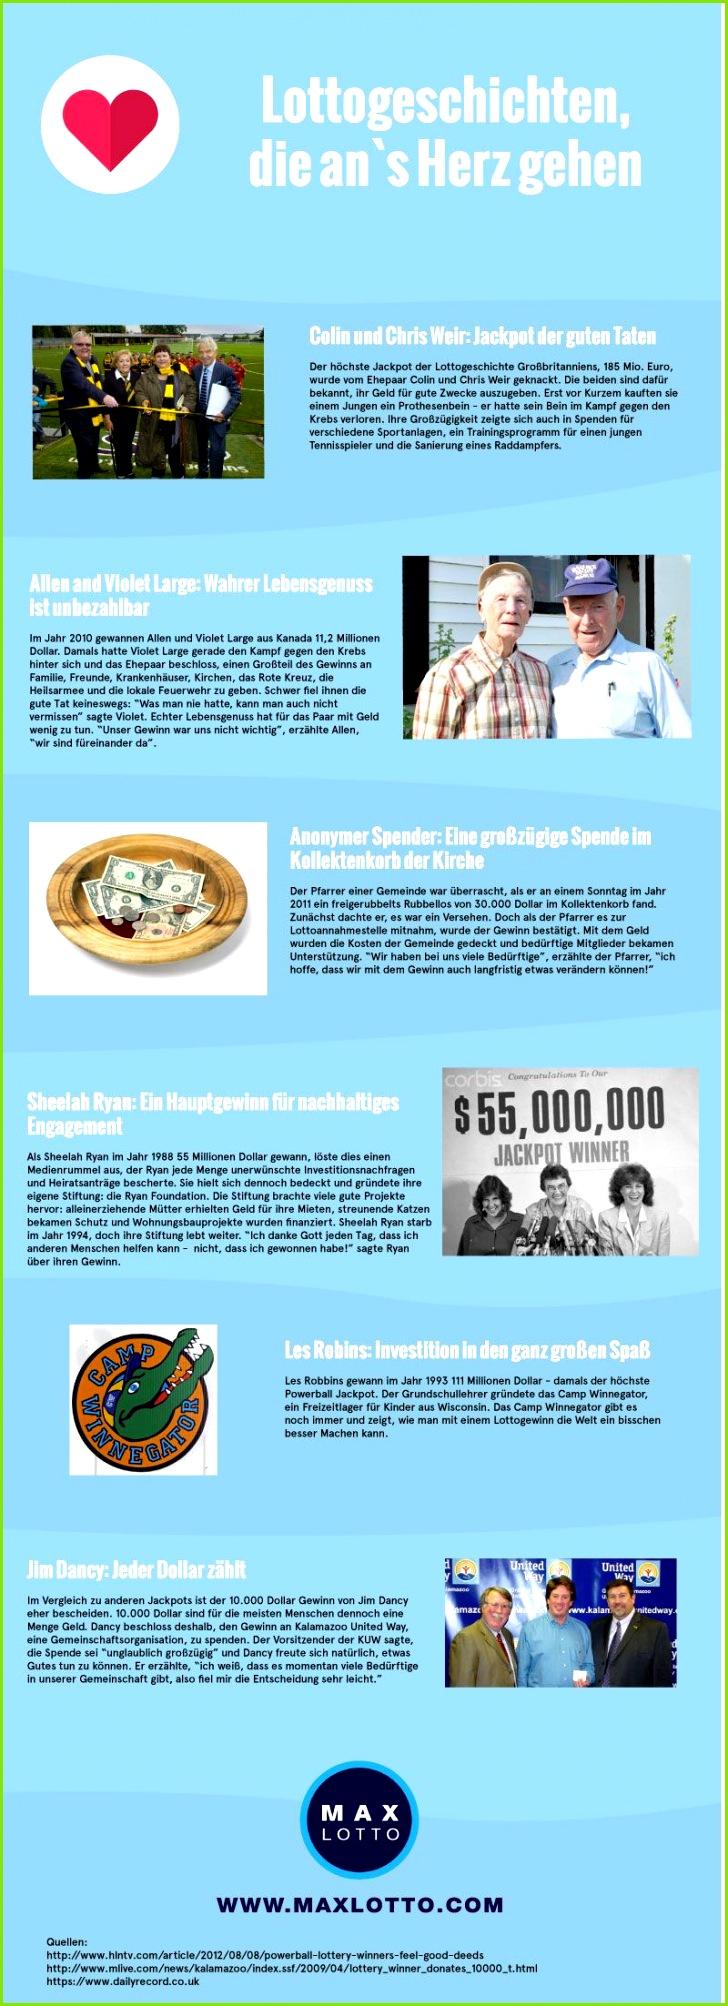 Lottogeschichten über Lottogewinner ihren Jackpot entweder ganz spendeten oder mit einem Teil davon etwas Gutes taten